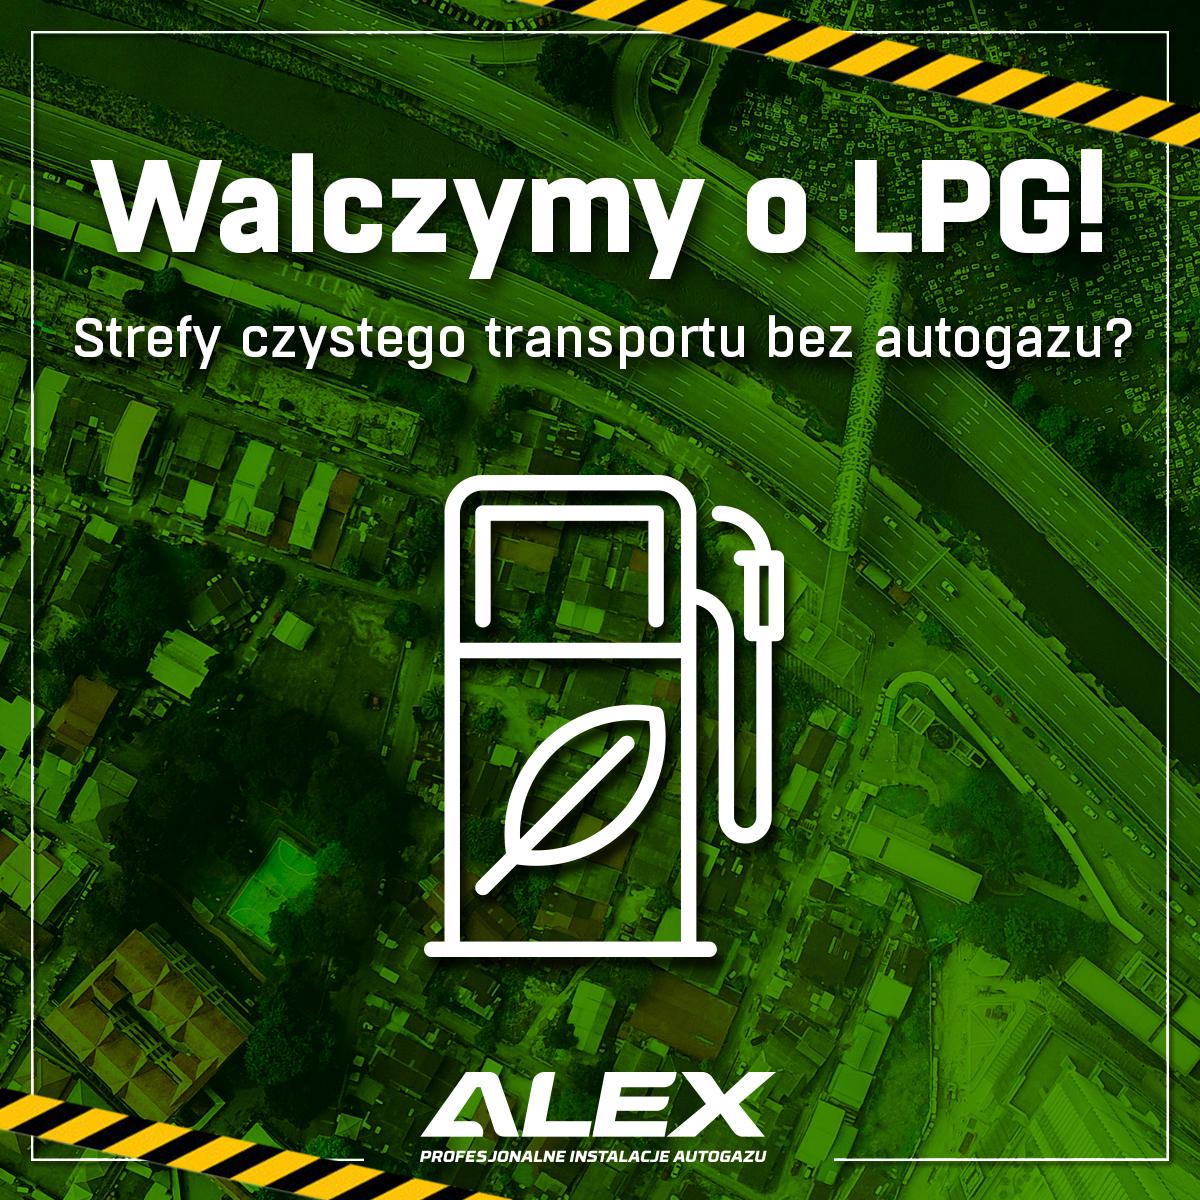 1-WALCZYMY O LPG